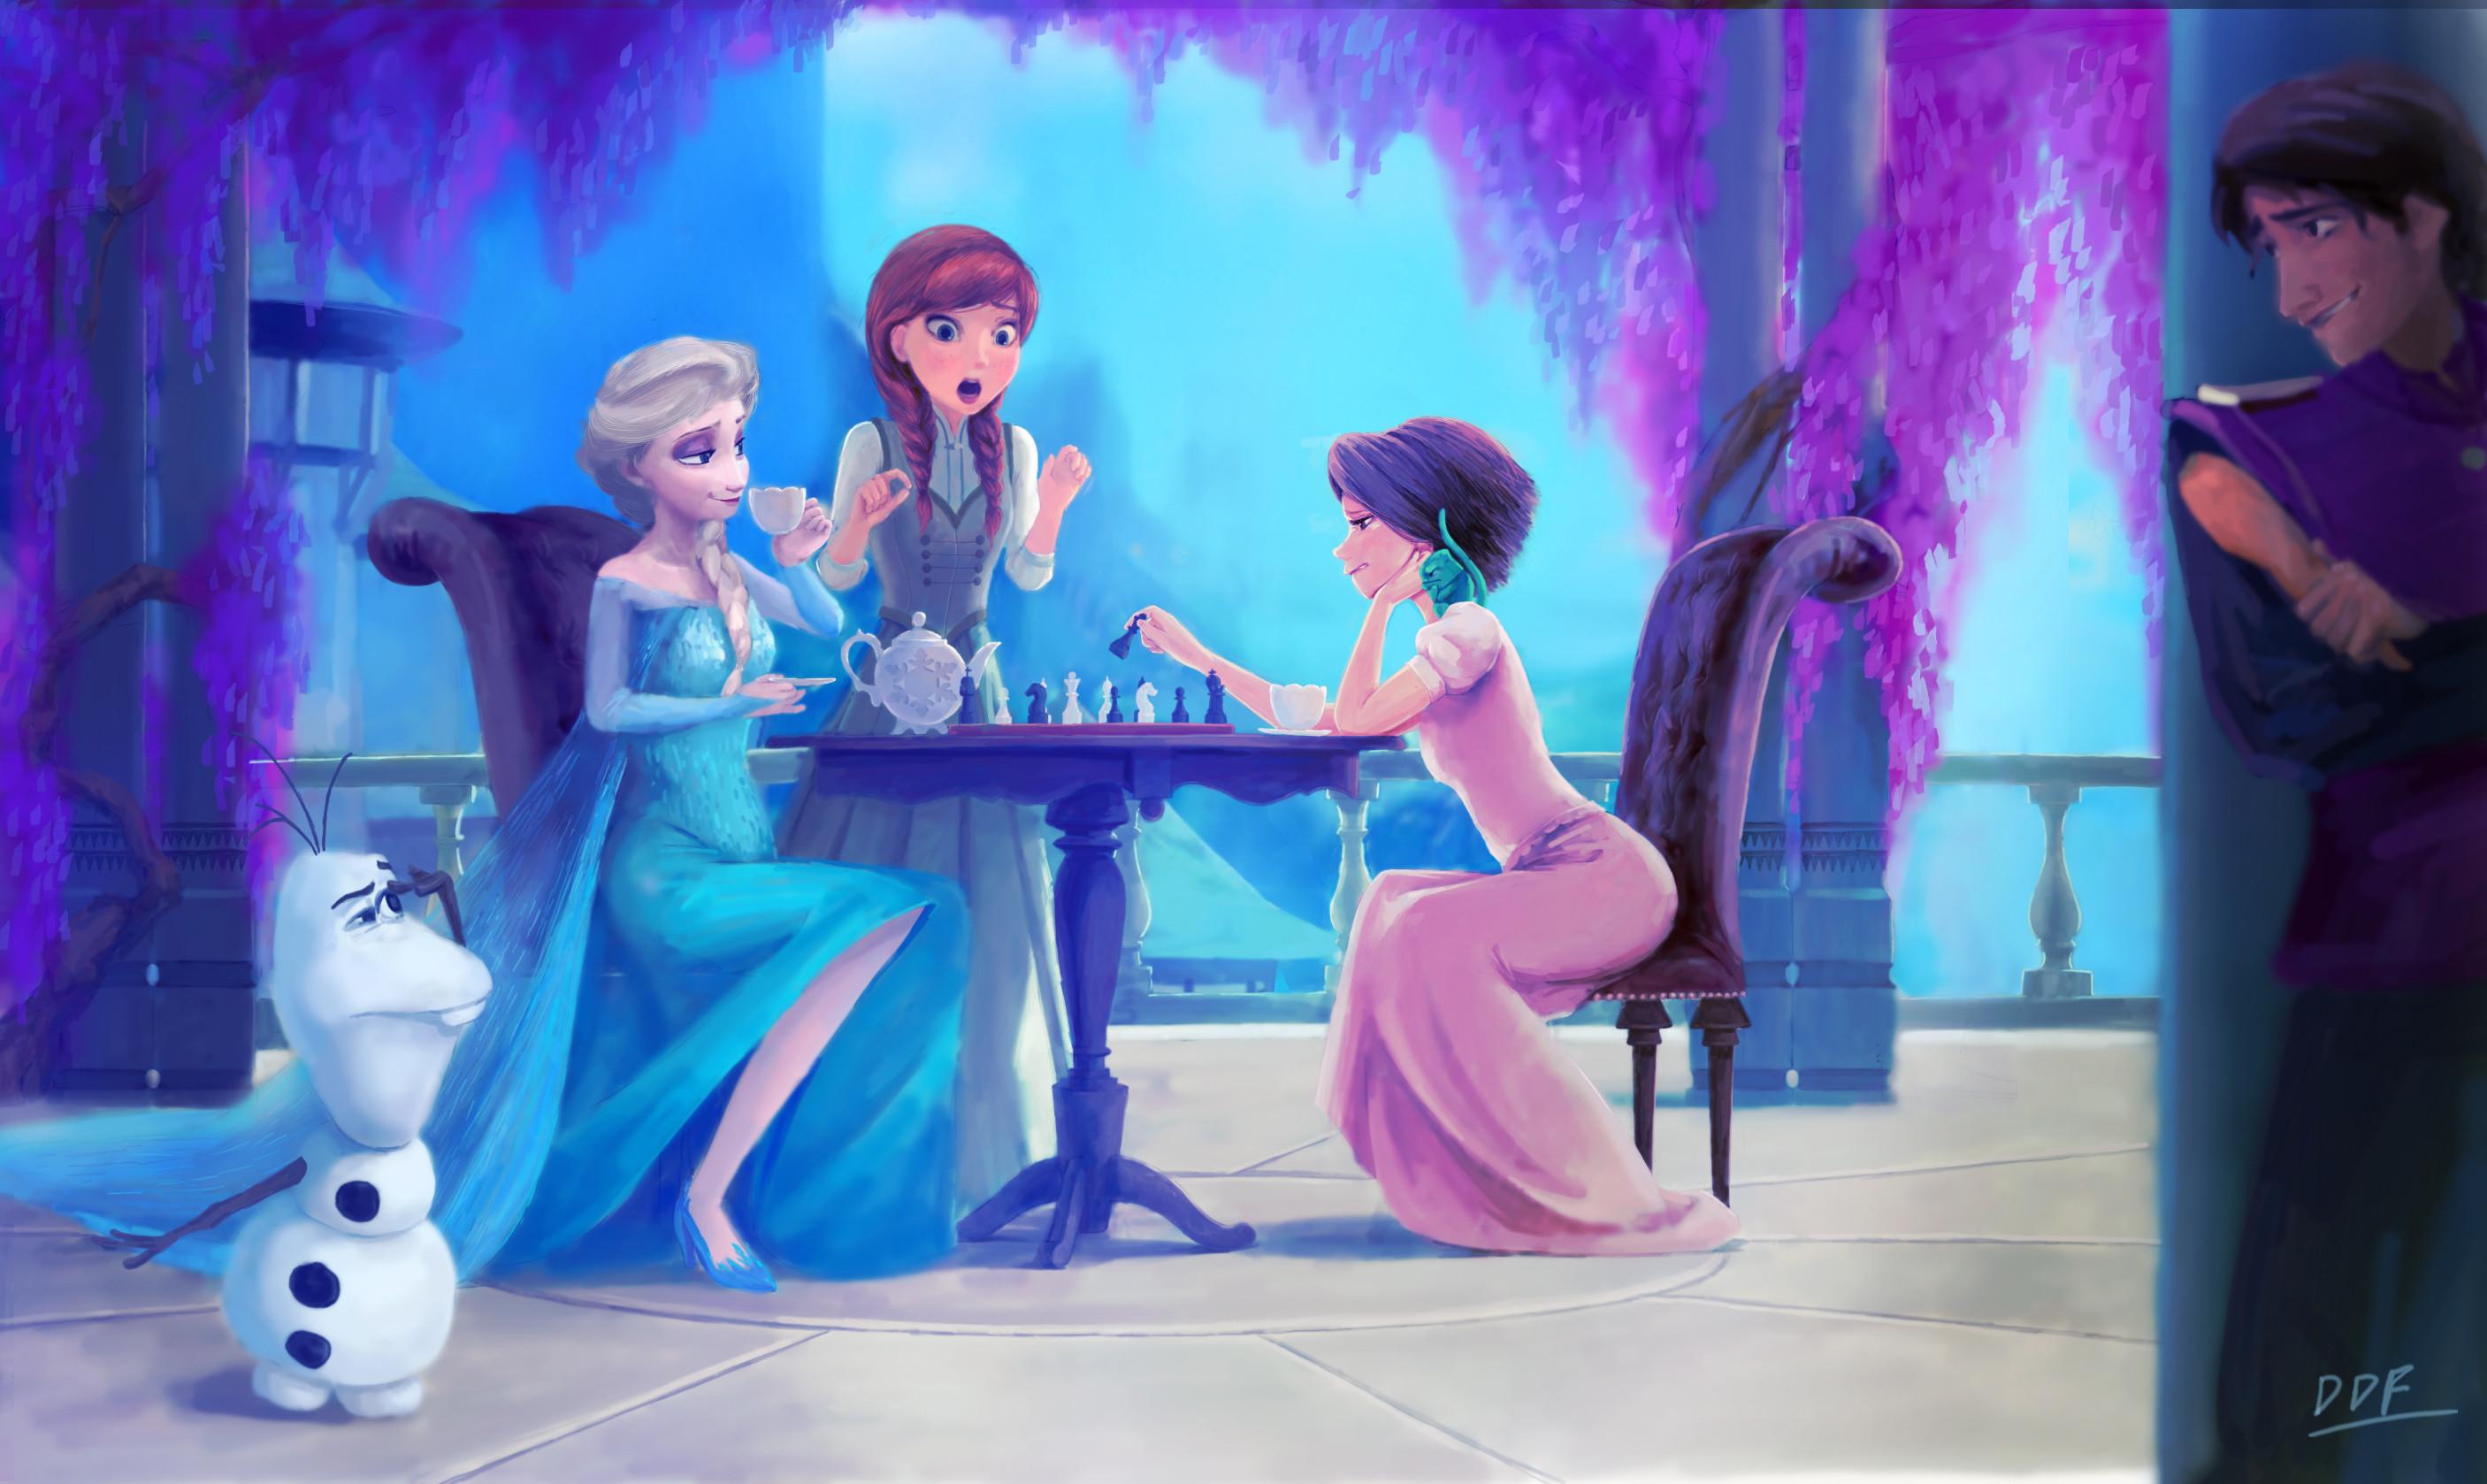 tangledfrozen disney princess fan art 37129773 fanpop